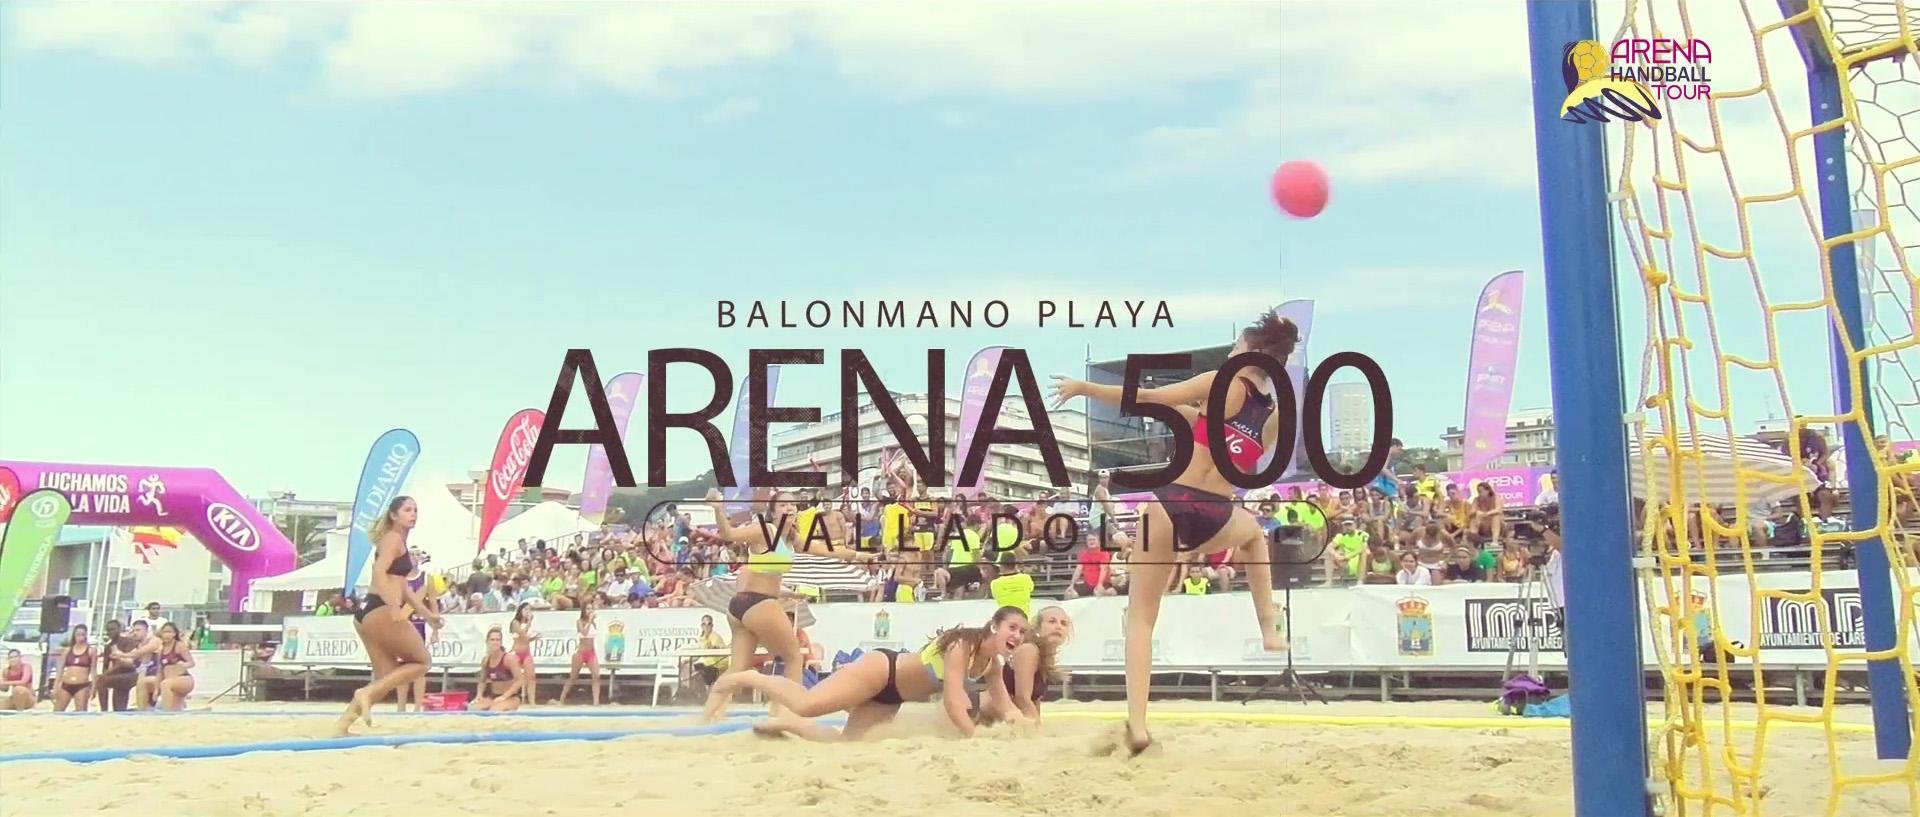 Balonmano Playa:  Arena 500 Valladolid